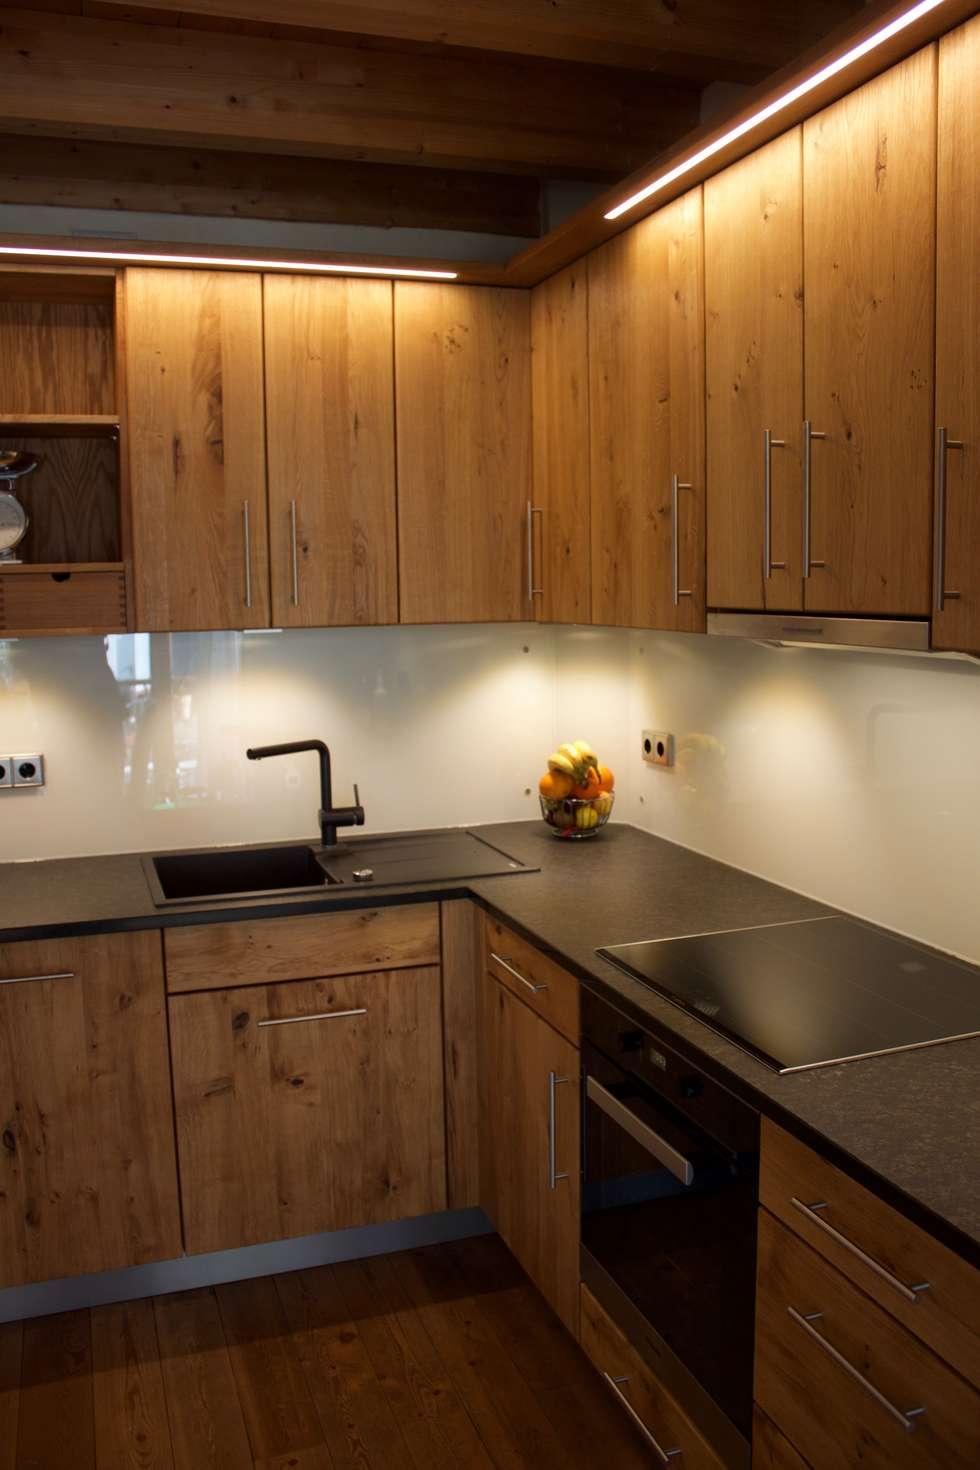 Raumhohe massivholzküche in eiche wildholz mit granit-arbeitsplatte ...